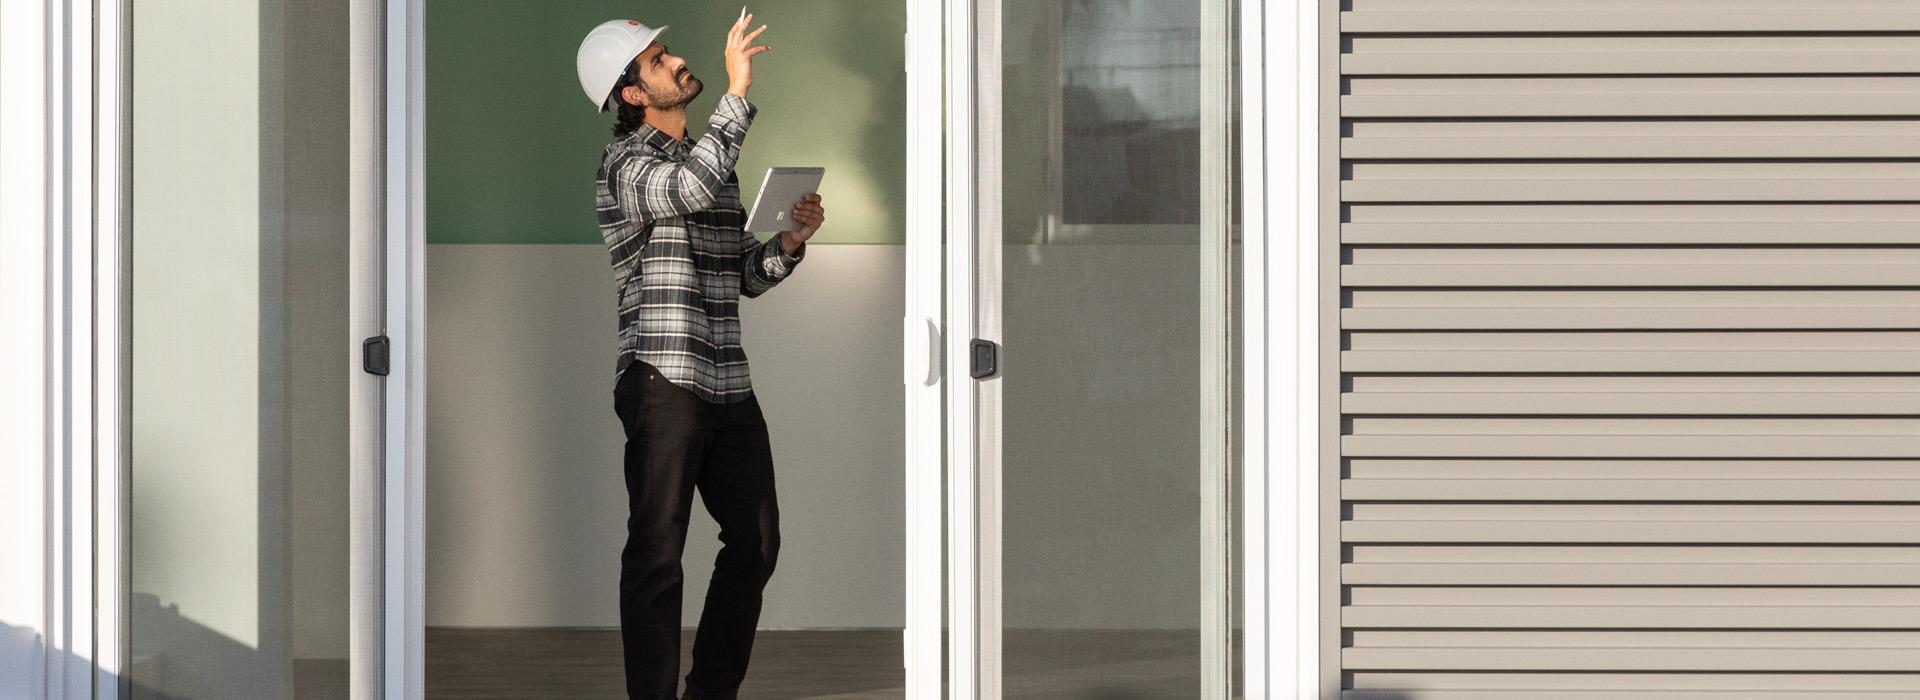 Um colaborador com um capacete num cenário residencial a segurar num Surface Go 2 em modo de tablet